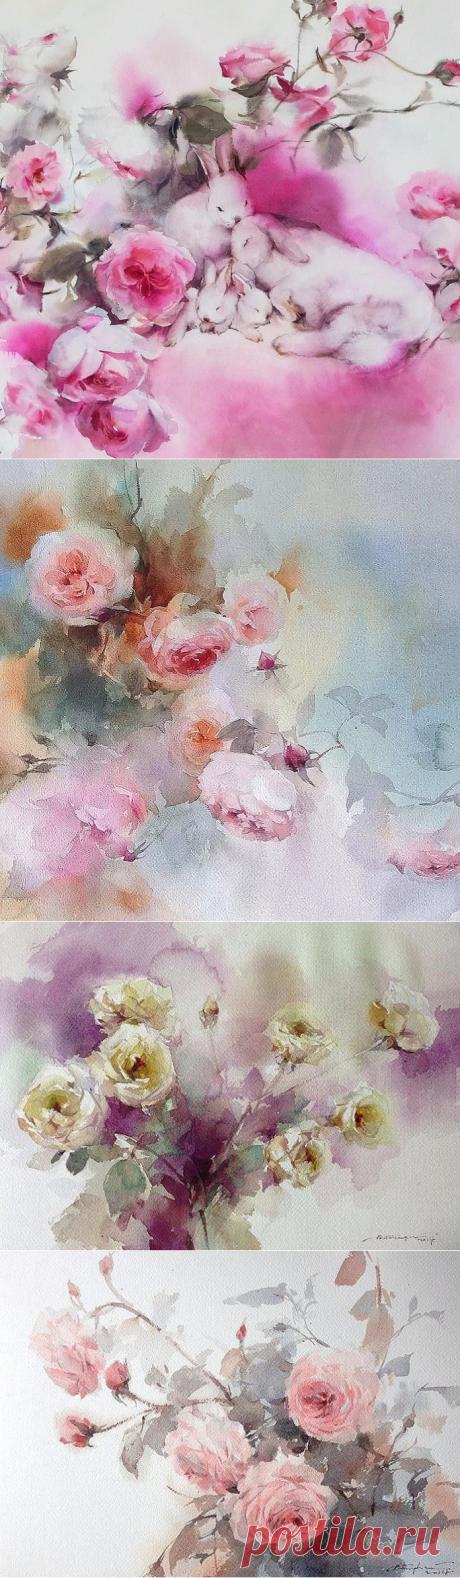 Акварельные цветы Фатчерефен Чантен